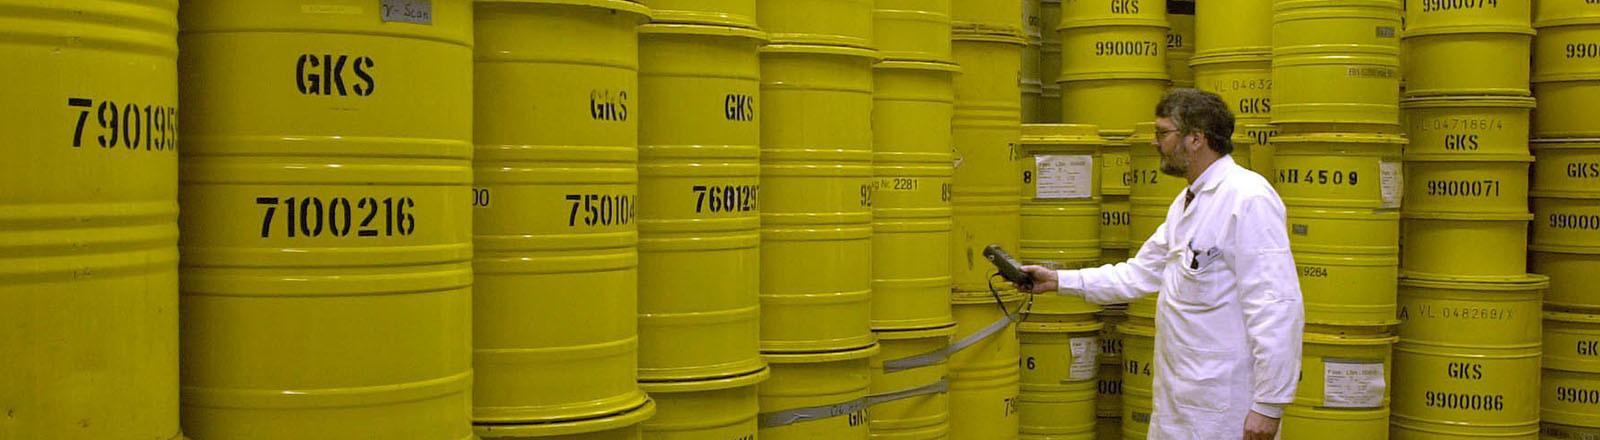 Strahlenschutzmitarbeiter Reiner Ahlfänger misst am 7.12.2000 in einer Lagerhalle auf dem Gelände des GKSS-Forschungszentrums in Geesthacht (Kreis Herzogtum-Lauenburg) mit einem Geigerzähler die Strahlung an mit radioaktiven Abfällen gefüllten Fässern.